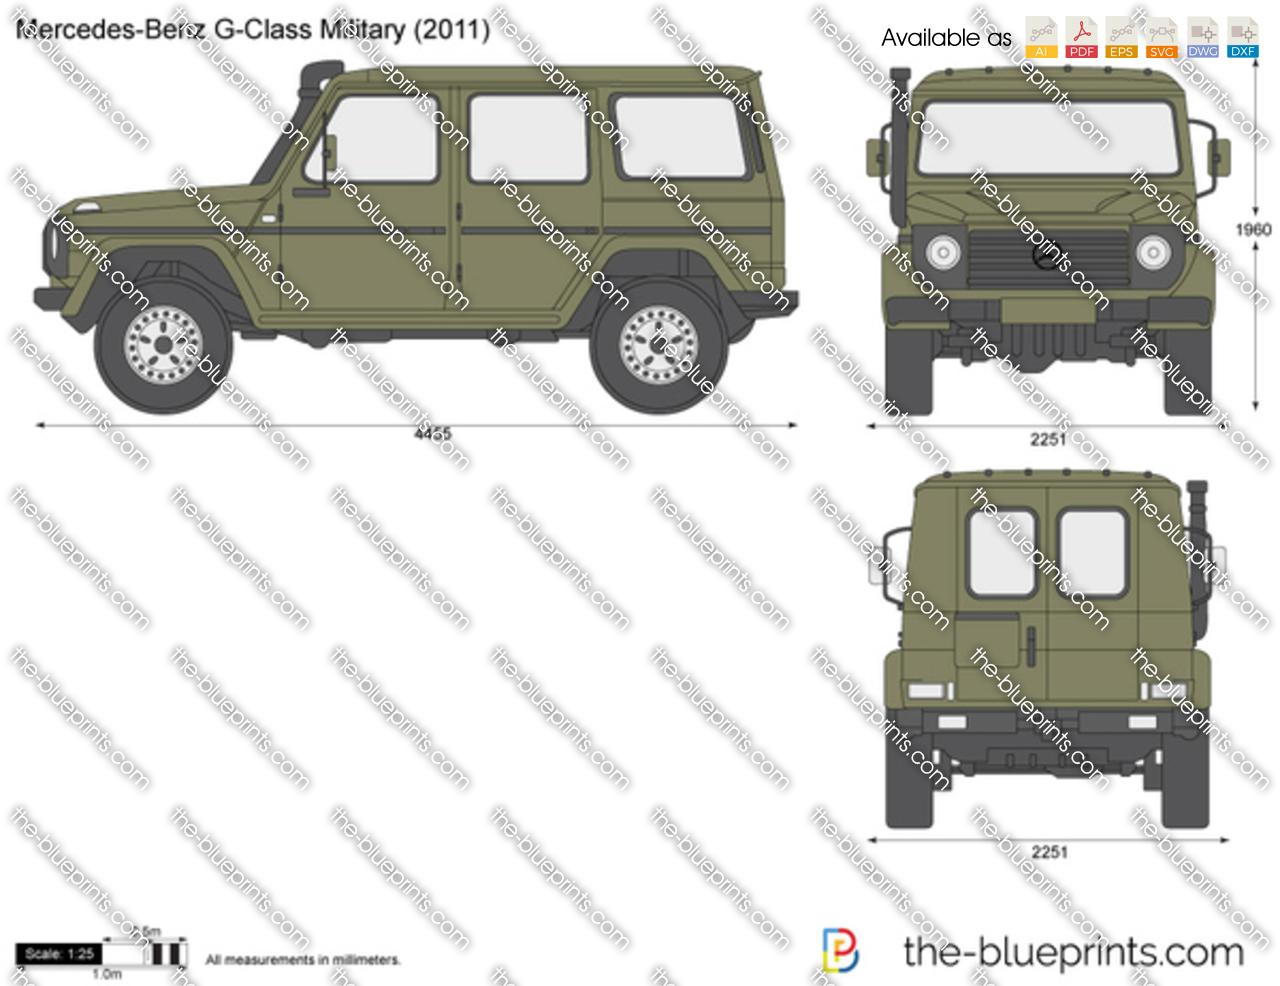 Mercedes-Benz G-Class Military 461 2009